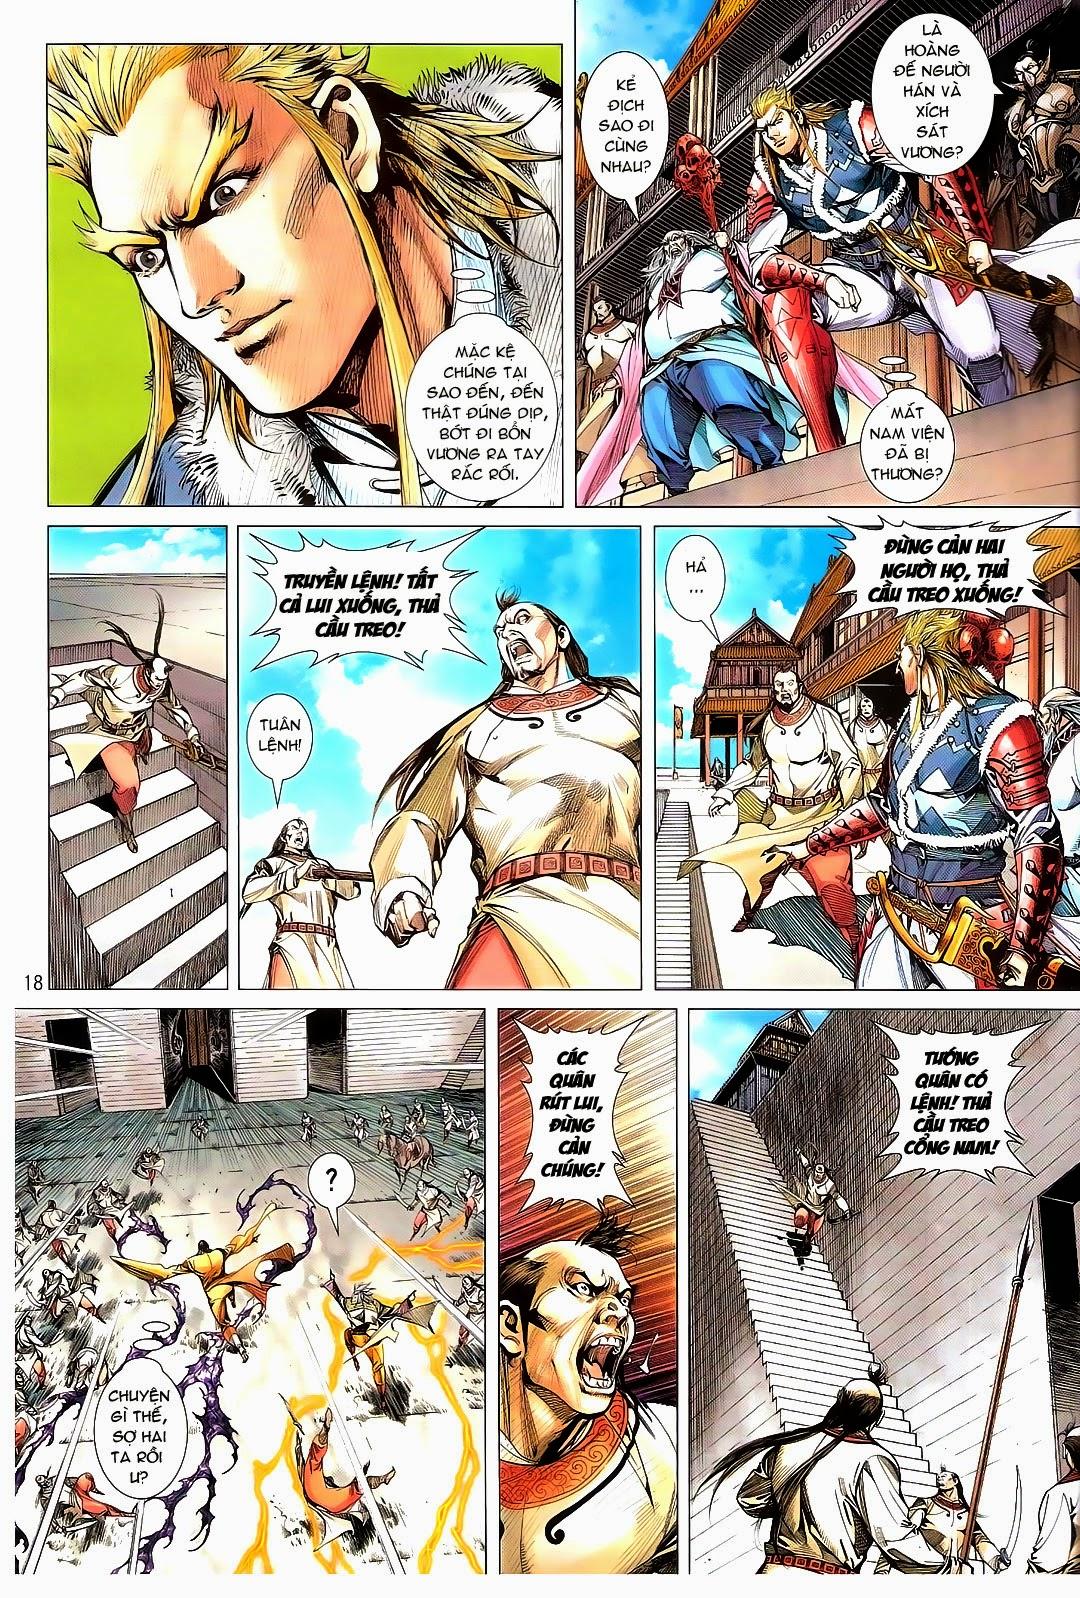 tuoithodudoi.com Thiết Tướng Tung Hoành Chapter 110 - 18.jpg